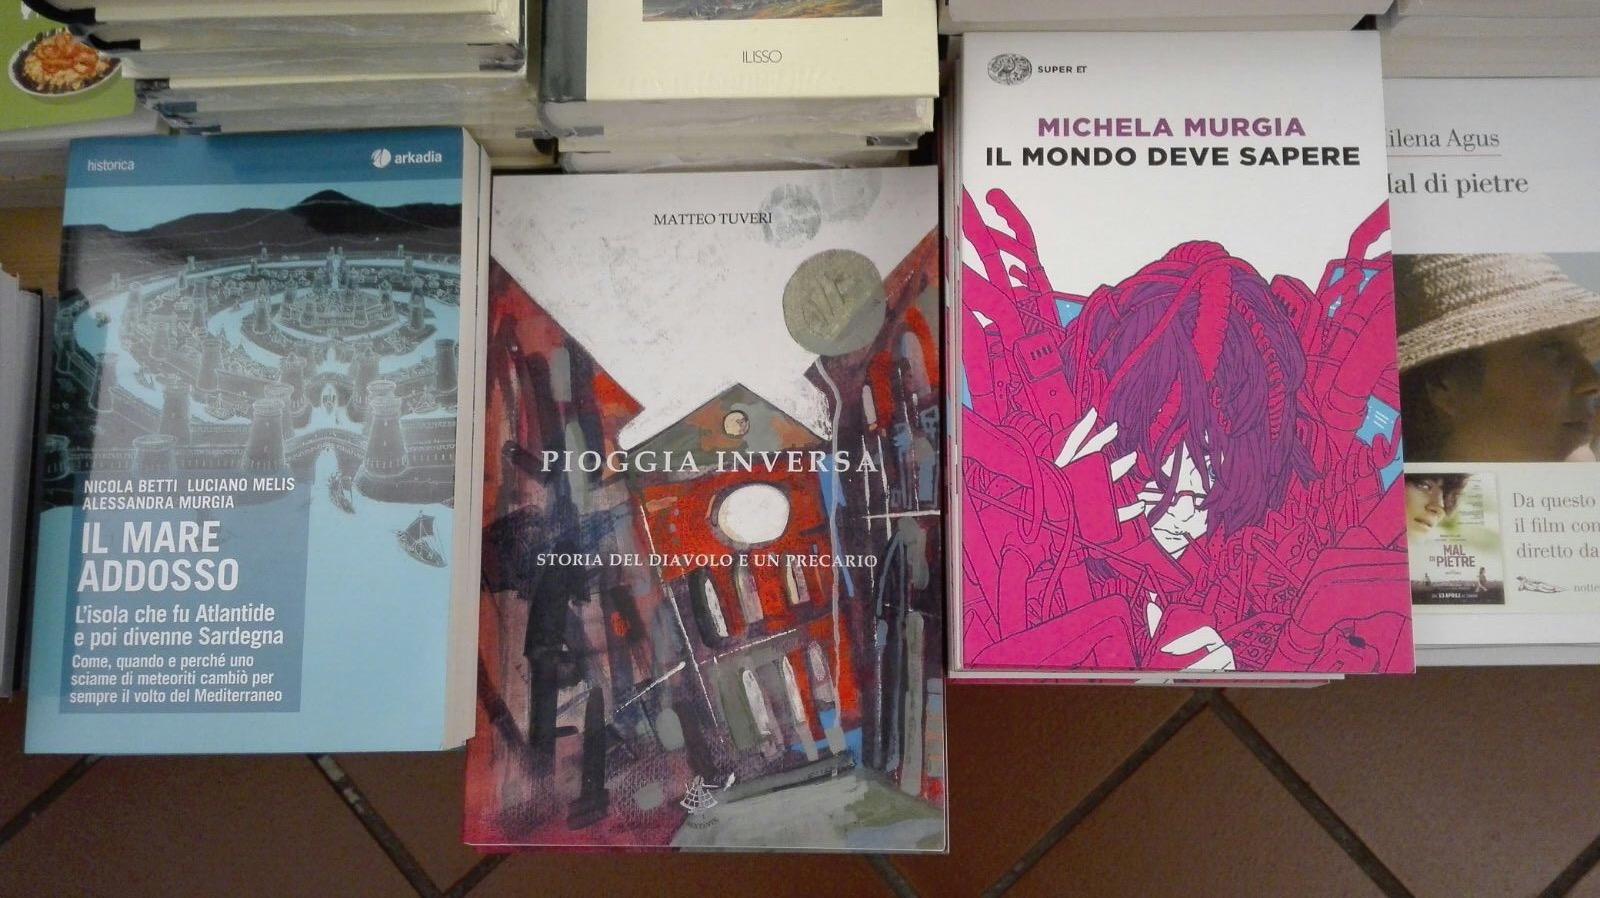 Pioggia inversa alla Libreria Hemingway di Villasimius (Cagliari).